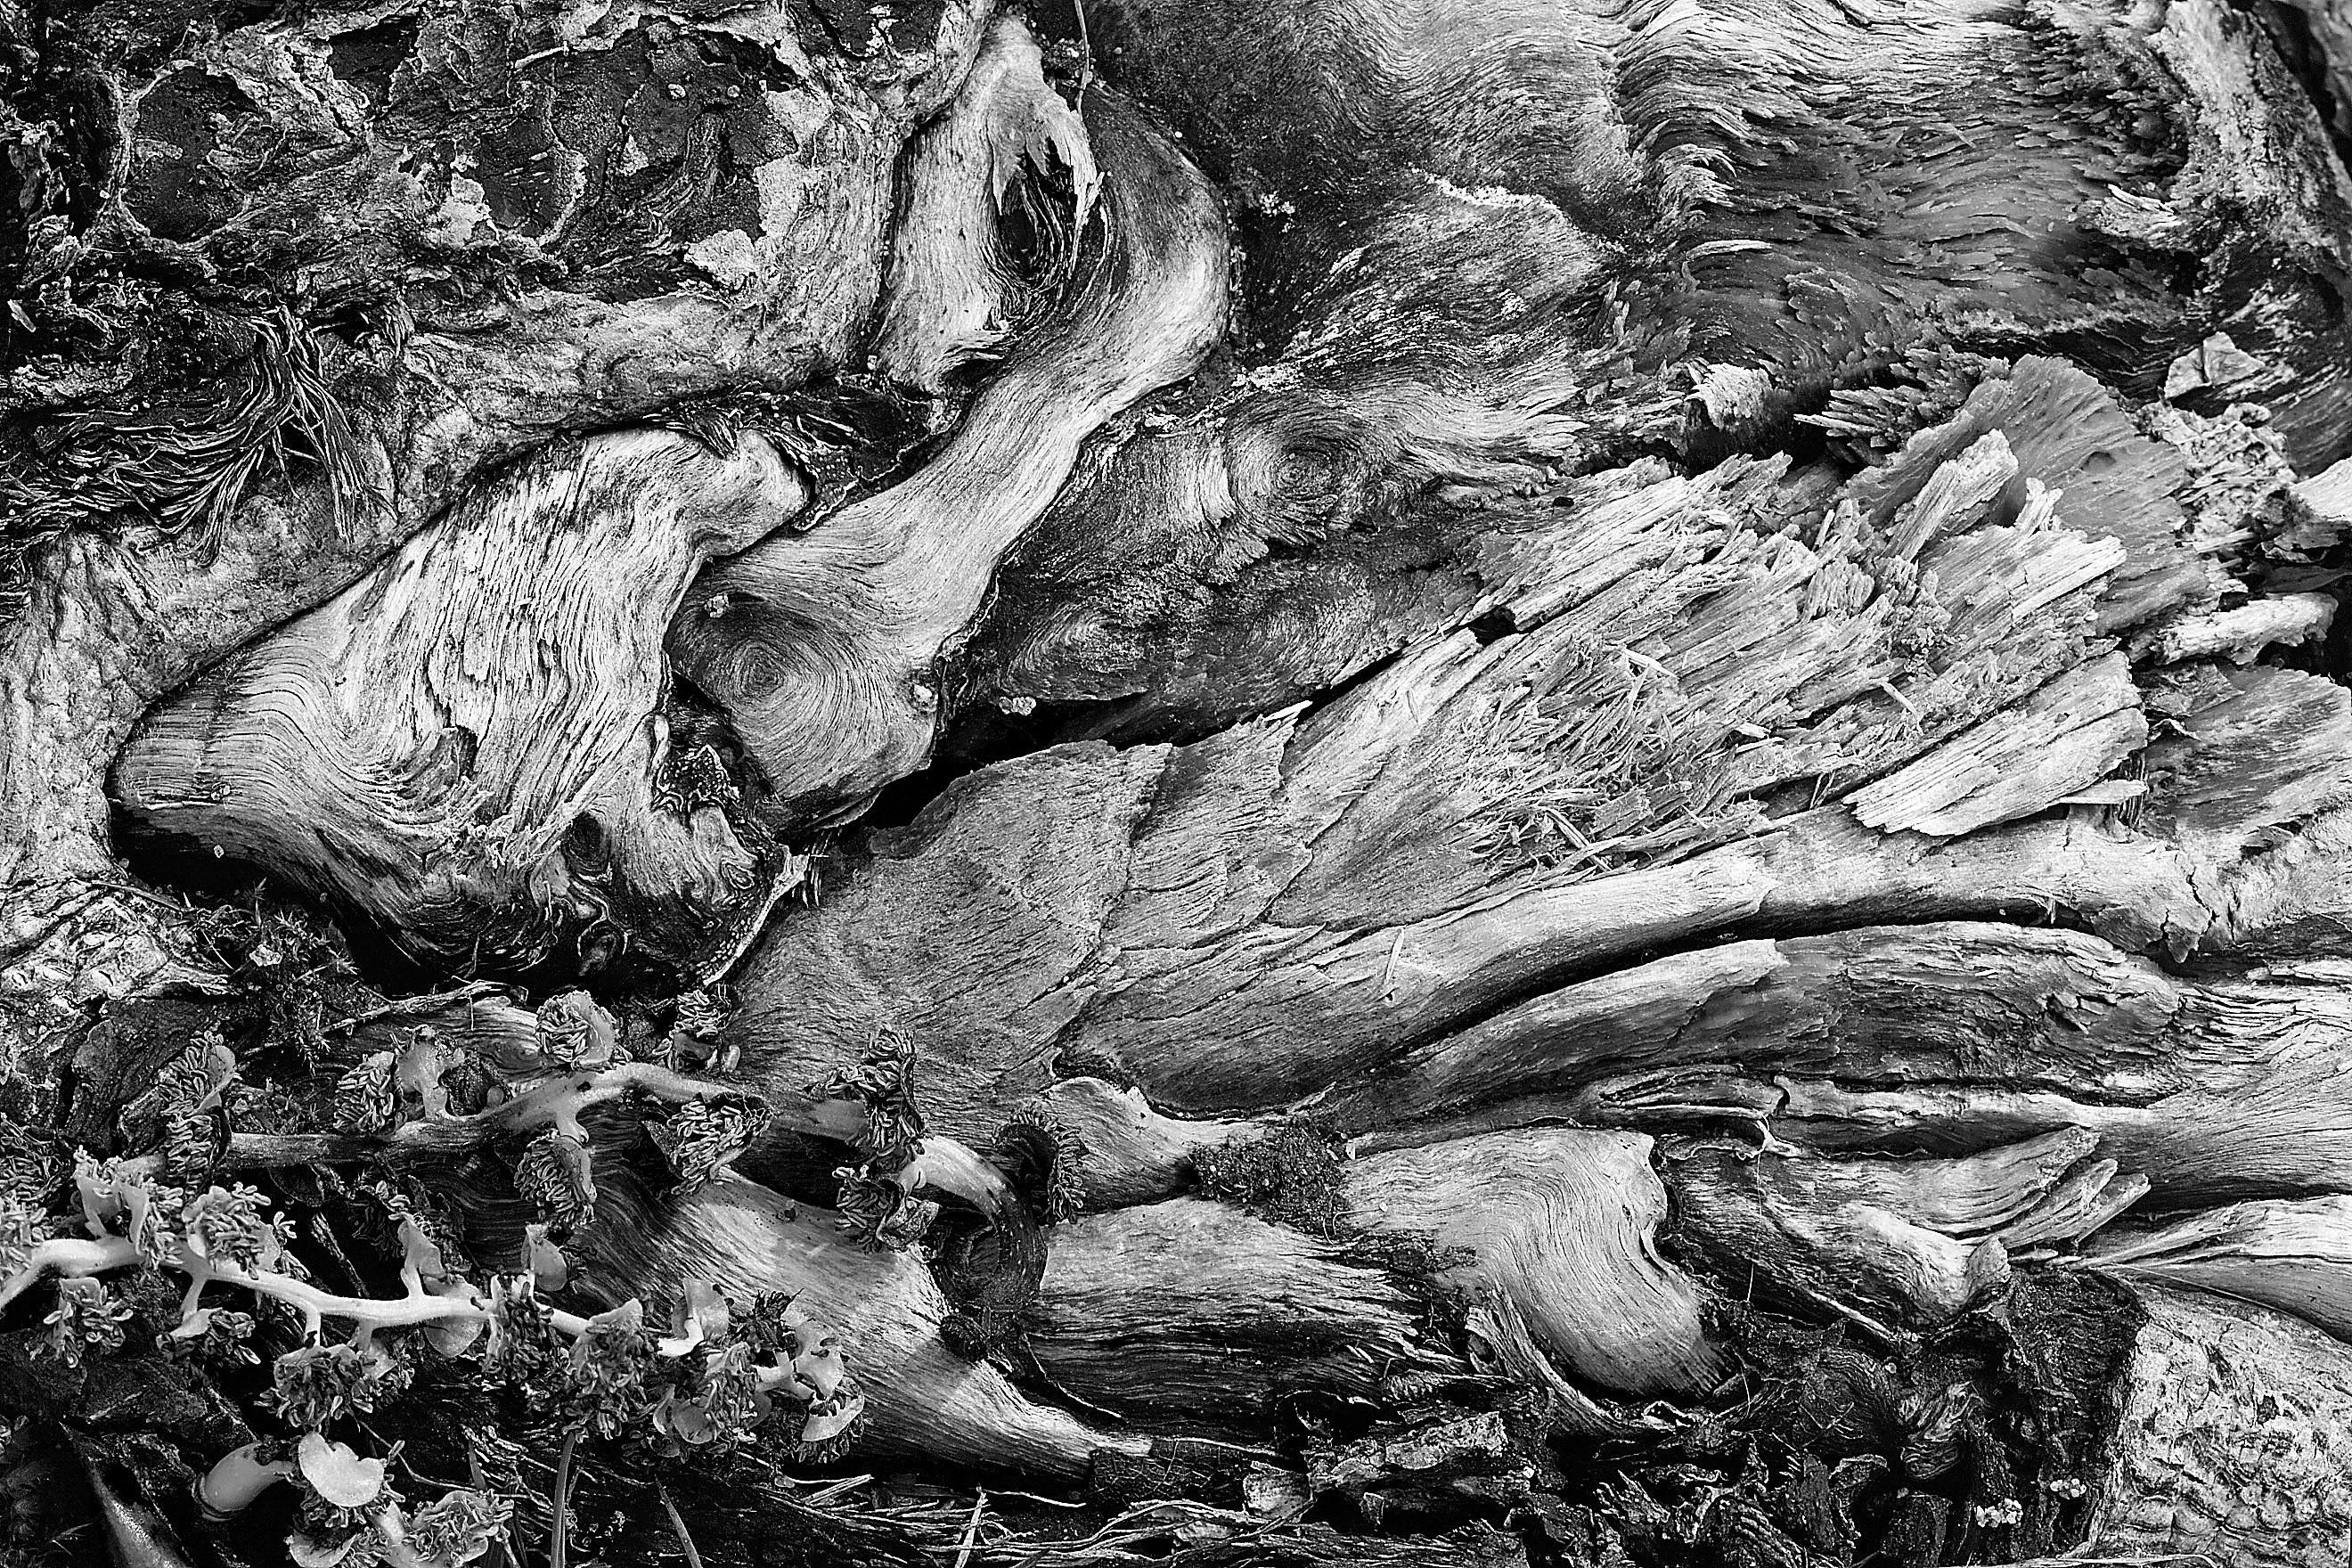 Fotos Gratis : árbol, Rock, Abstracto, En Blanco Y Negro